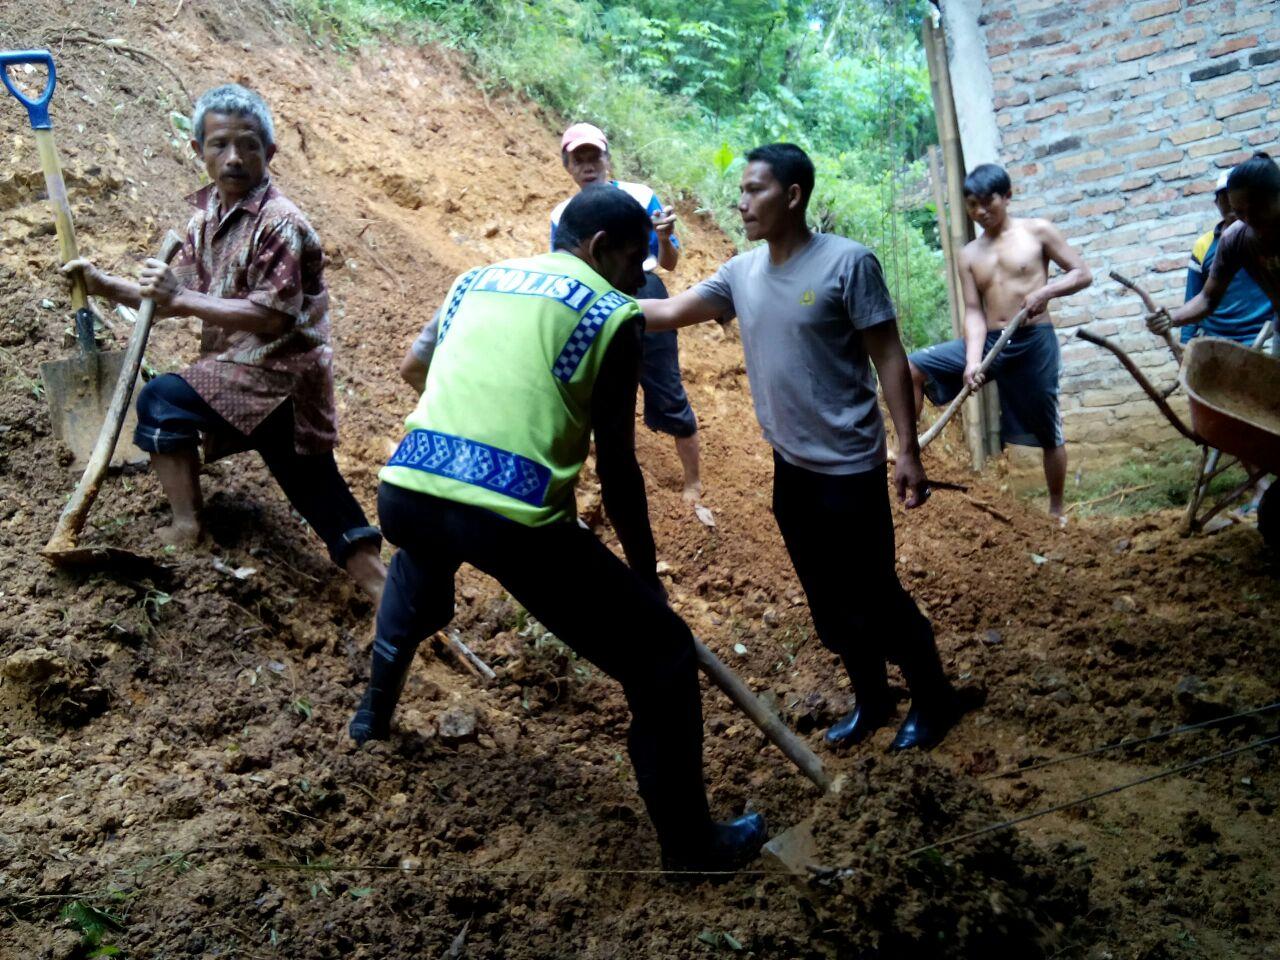 Bencana alam menerjang Desa Baosan Lor, Kecamatan Ngrayun, Ponorogo. (Muh Nurcholis)